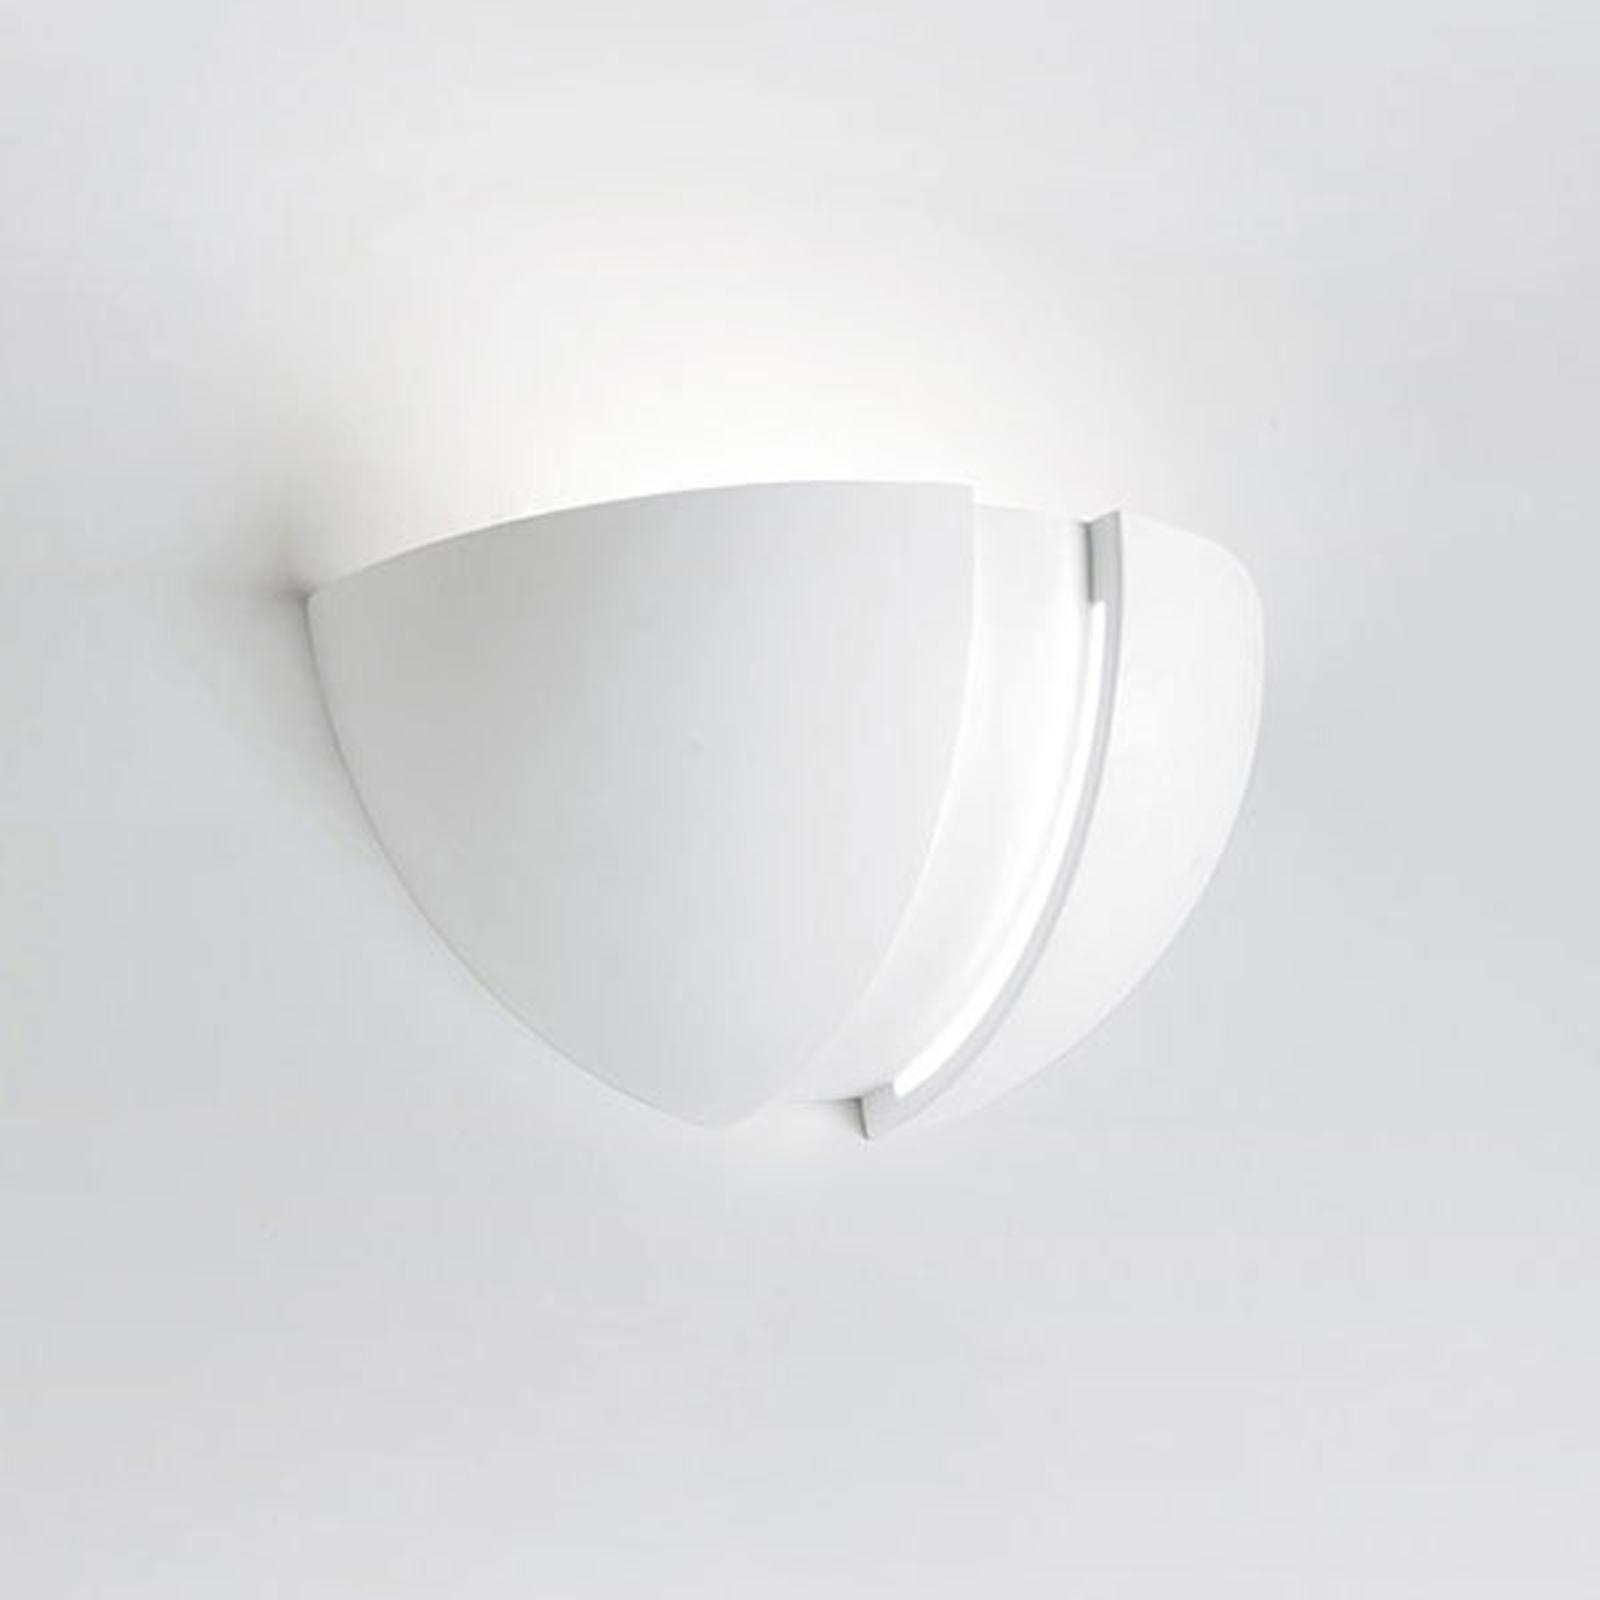 Wandlamp Carystus E27